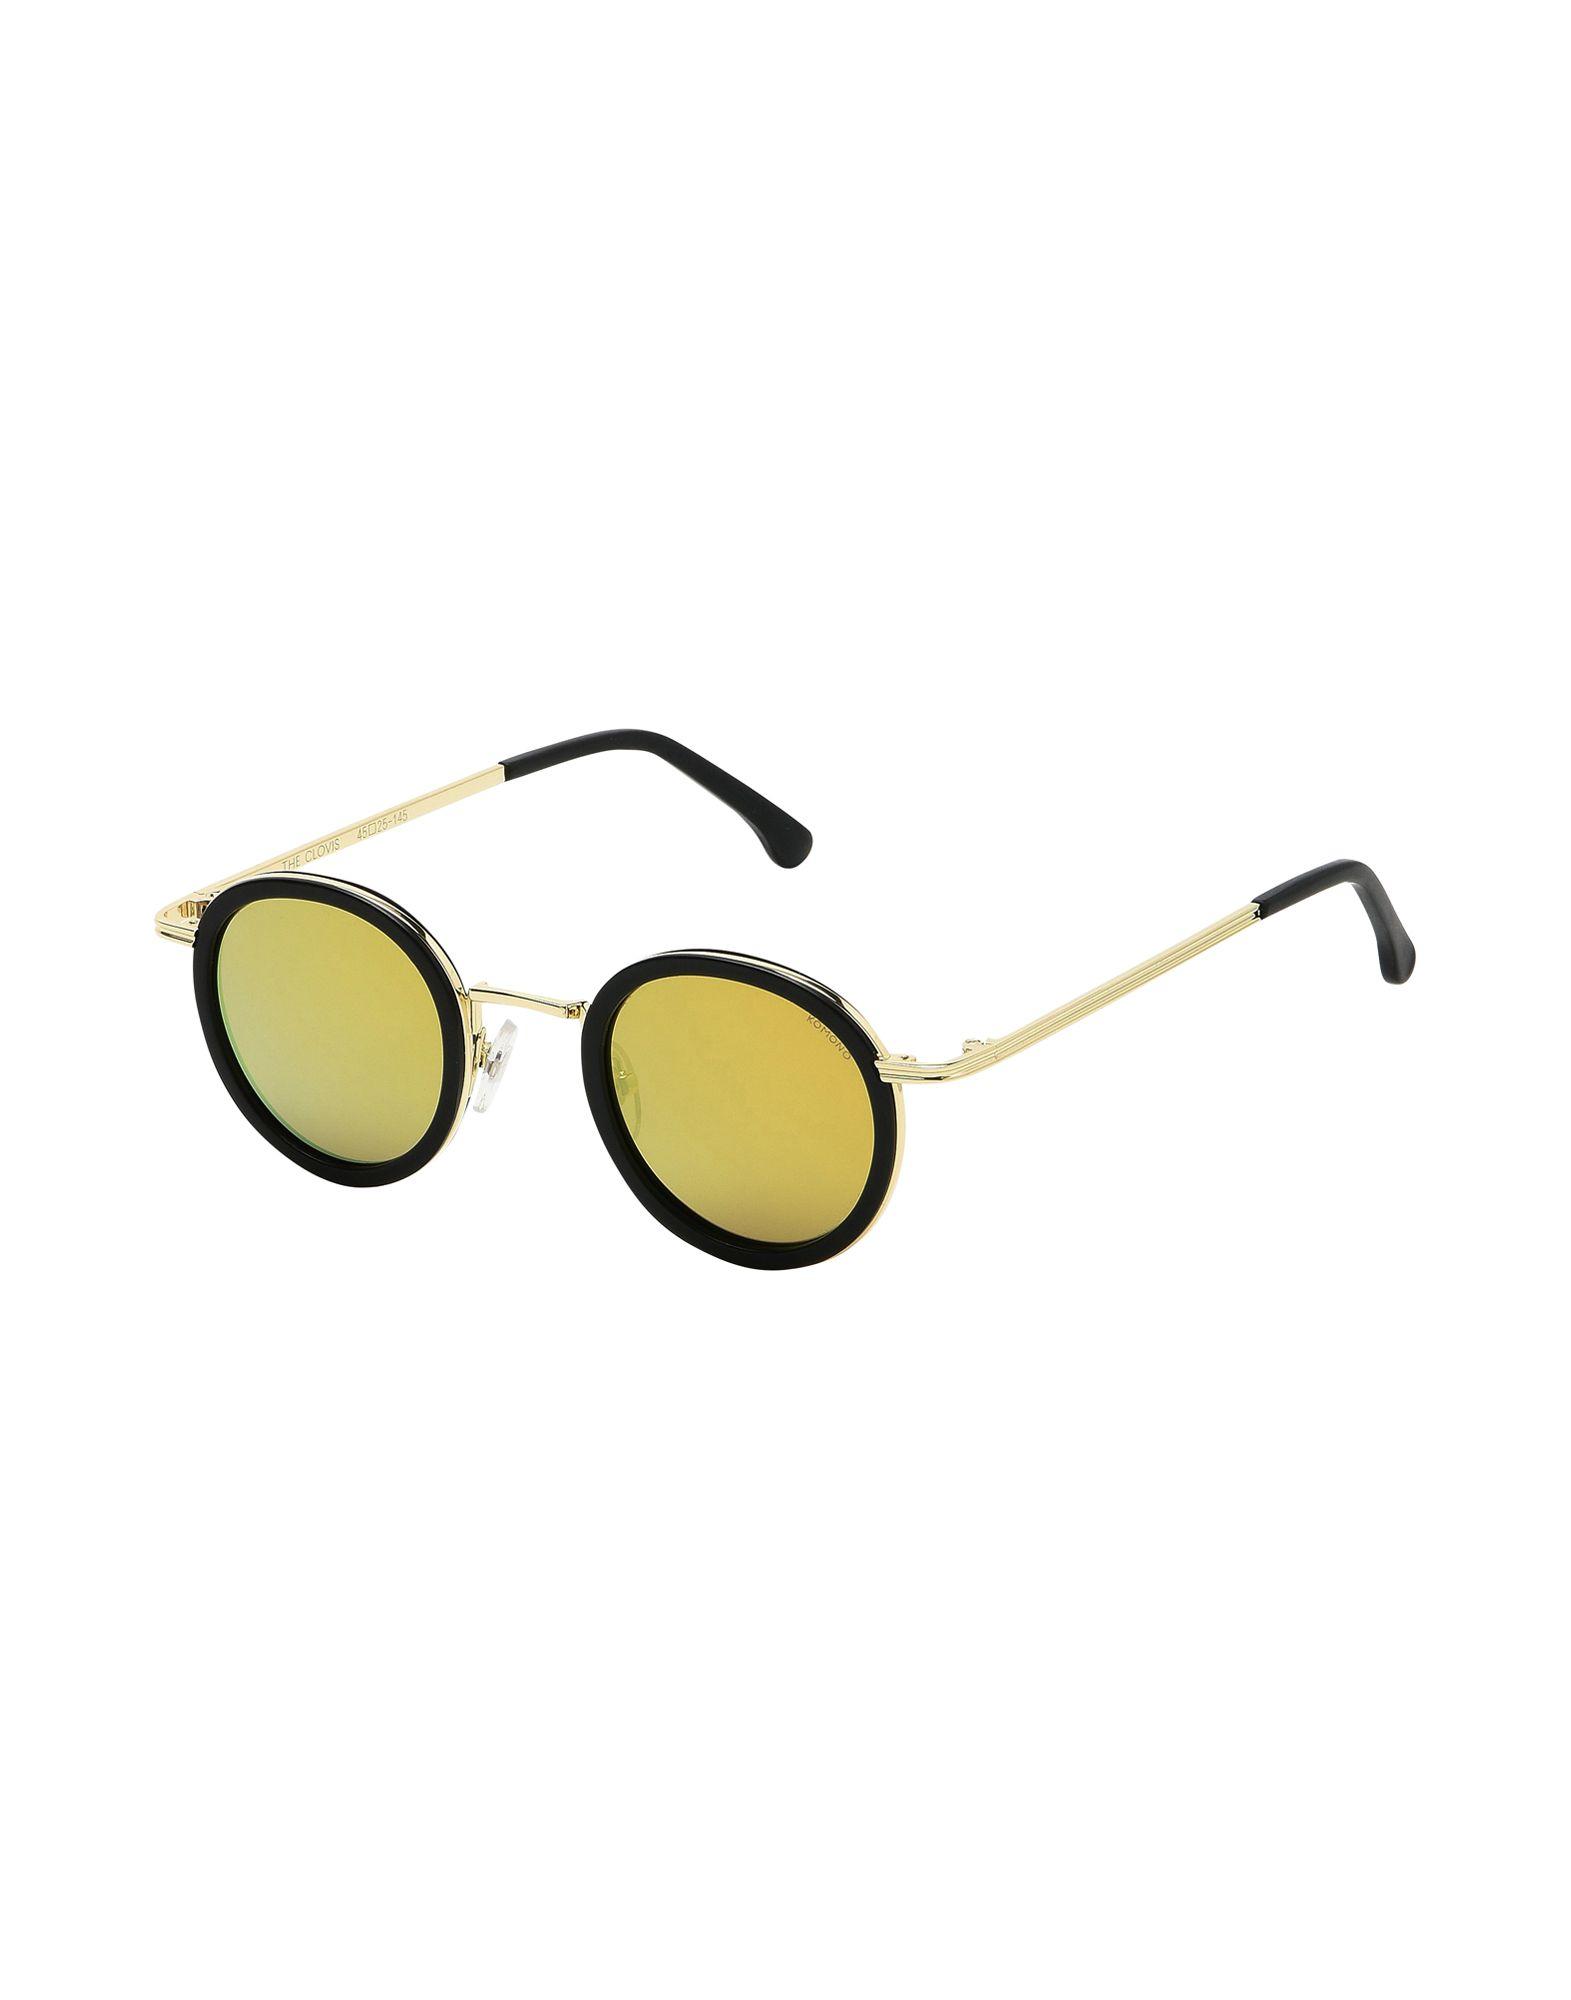 Occhiali Da Sole Komono Clovis - Black Gold - Uomo - Acquista online su